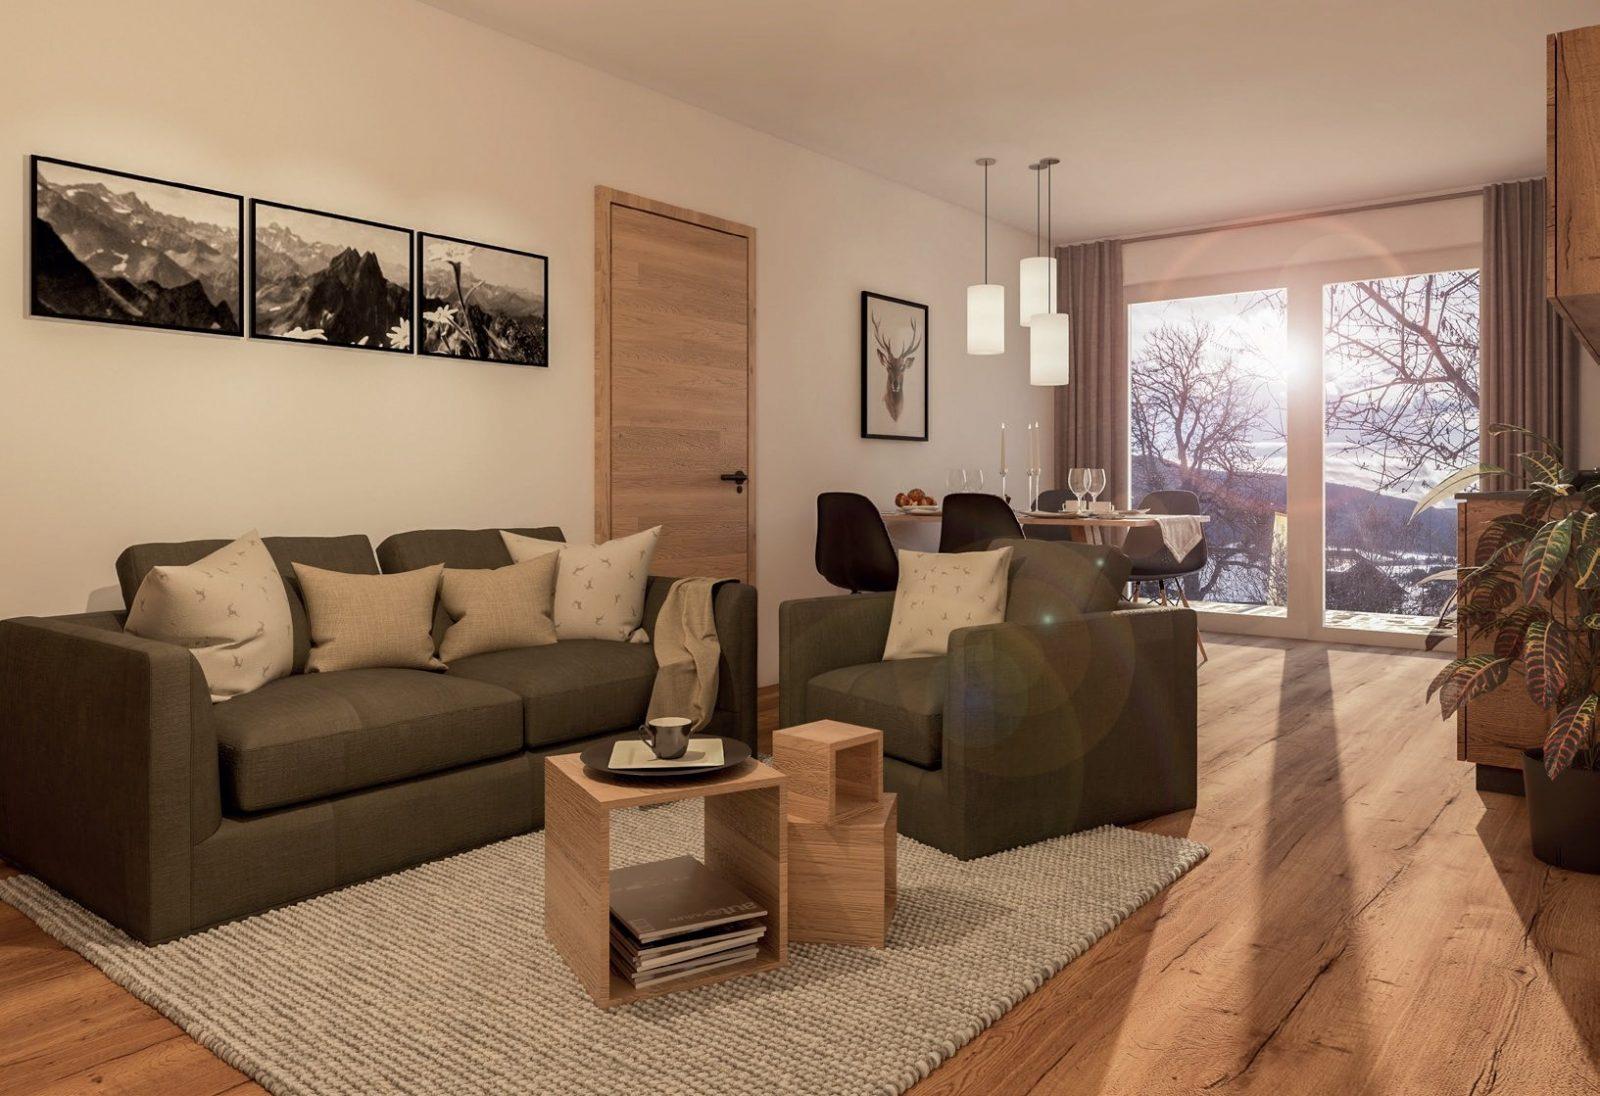 Appartementen in Mariapfarr